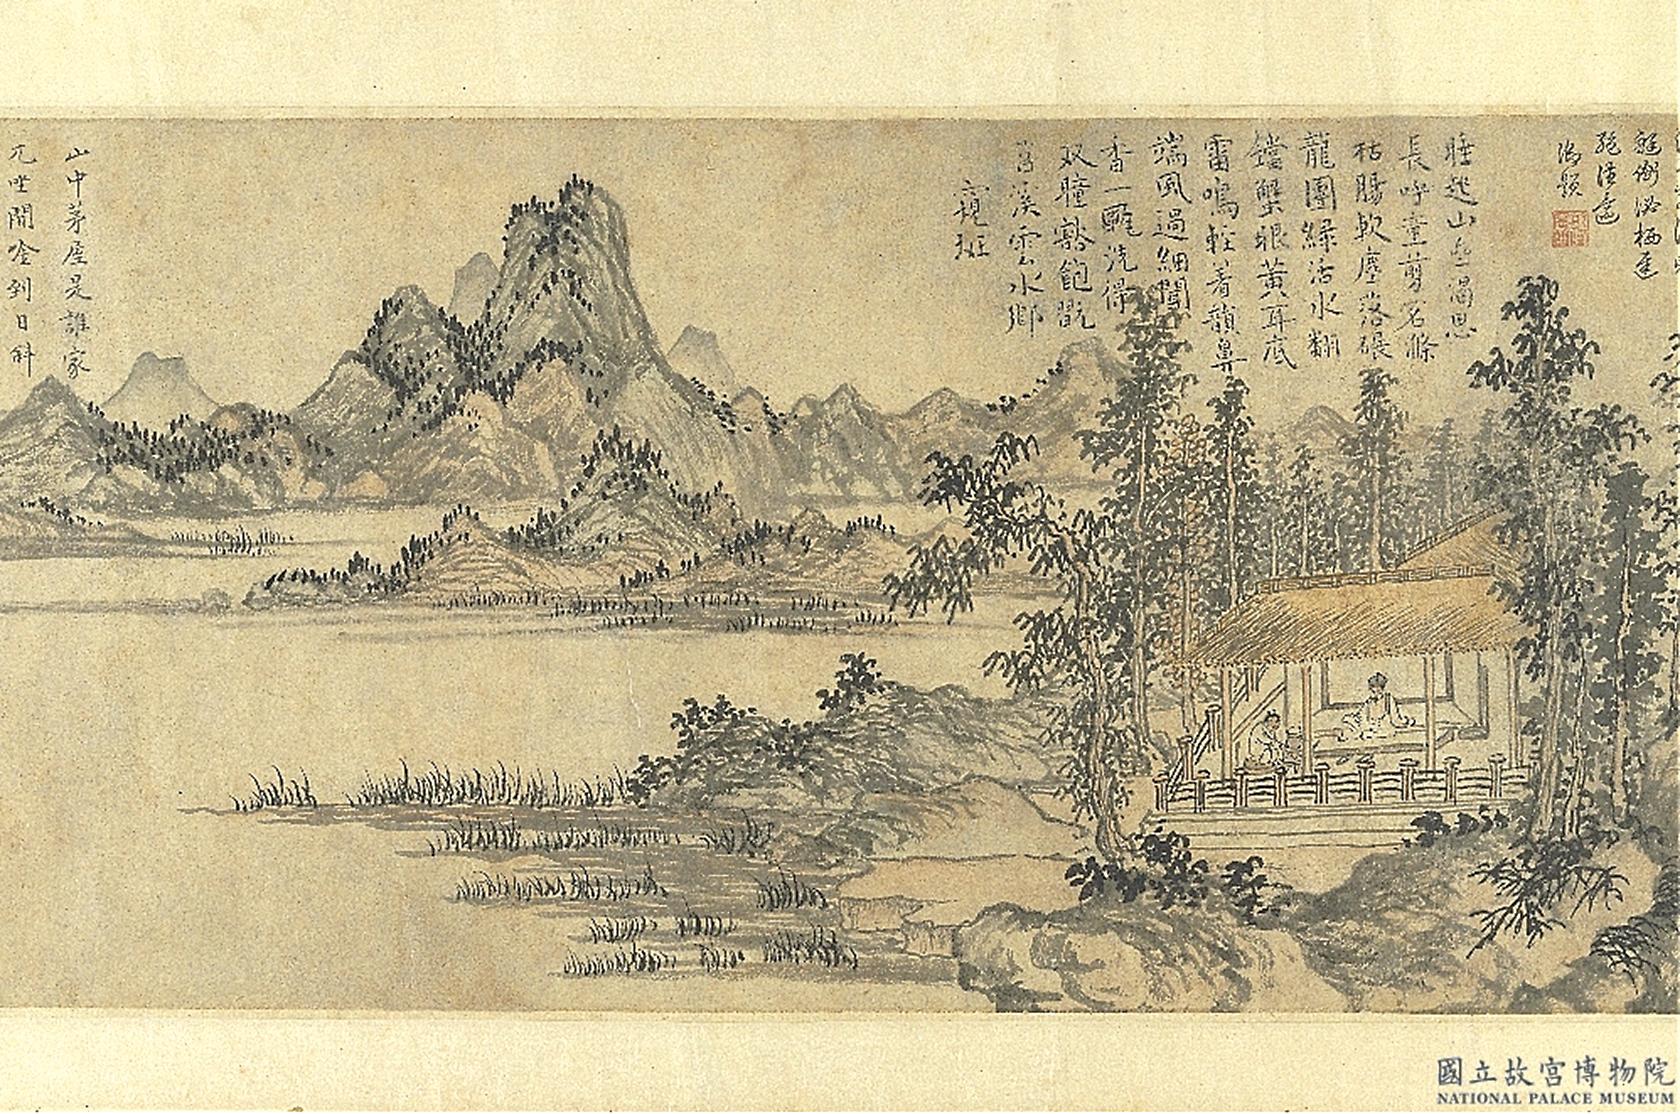 元人集錦‧卷‧趙原‧陸羽烹茶圖(國立故宮博物院提供)